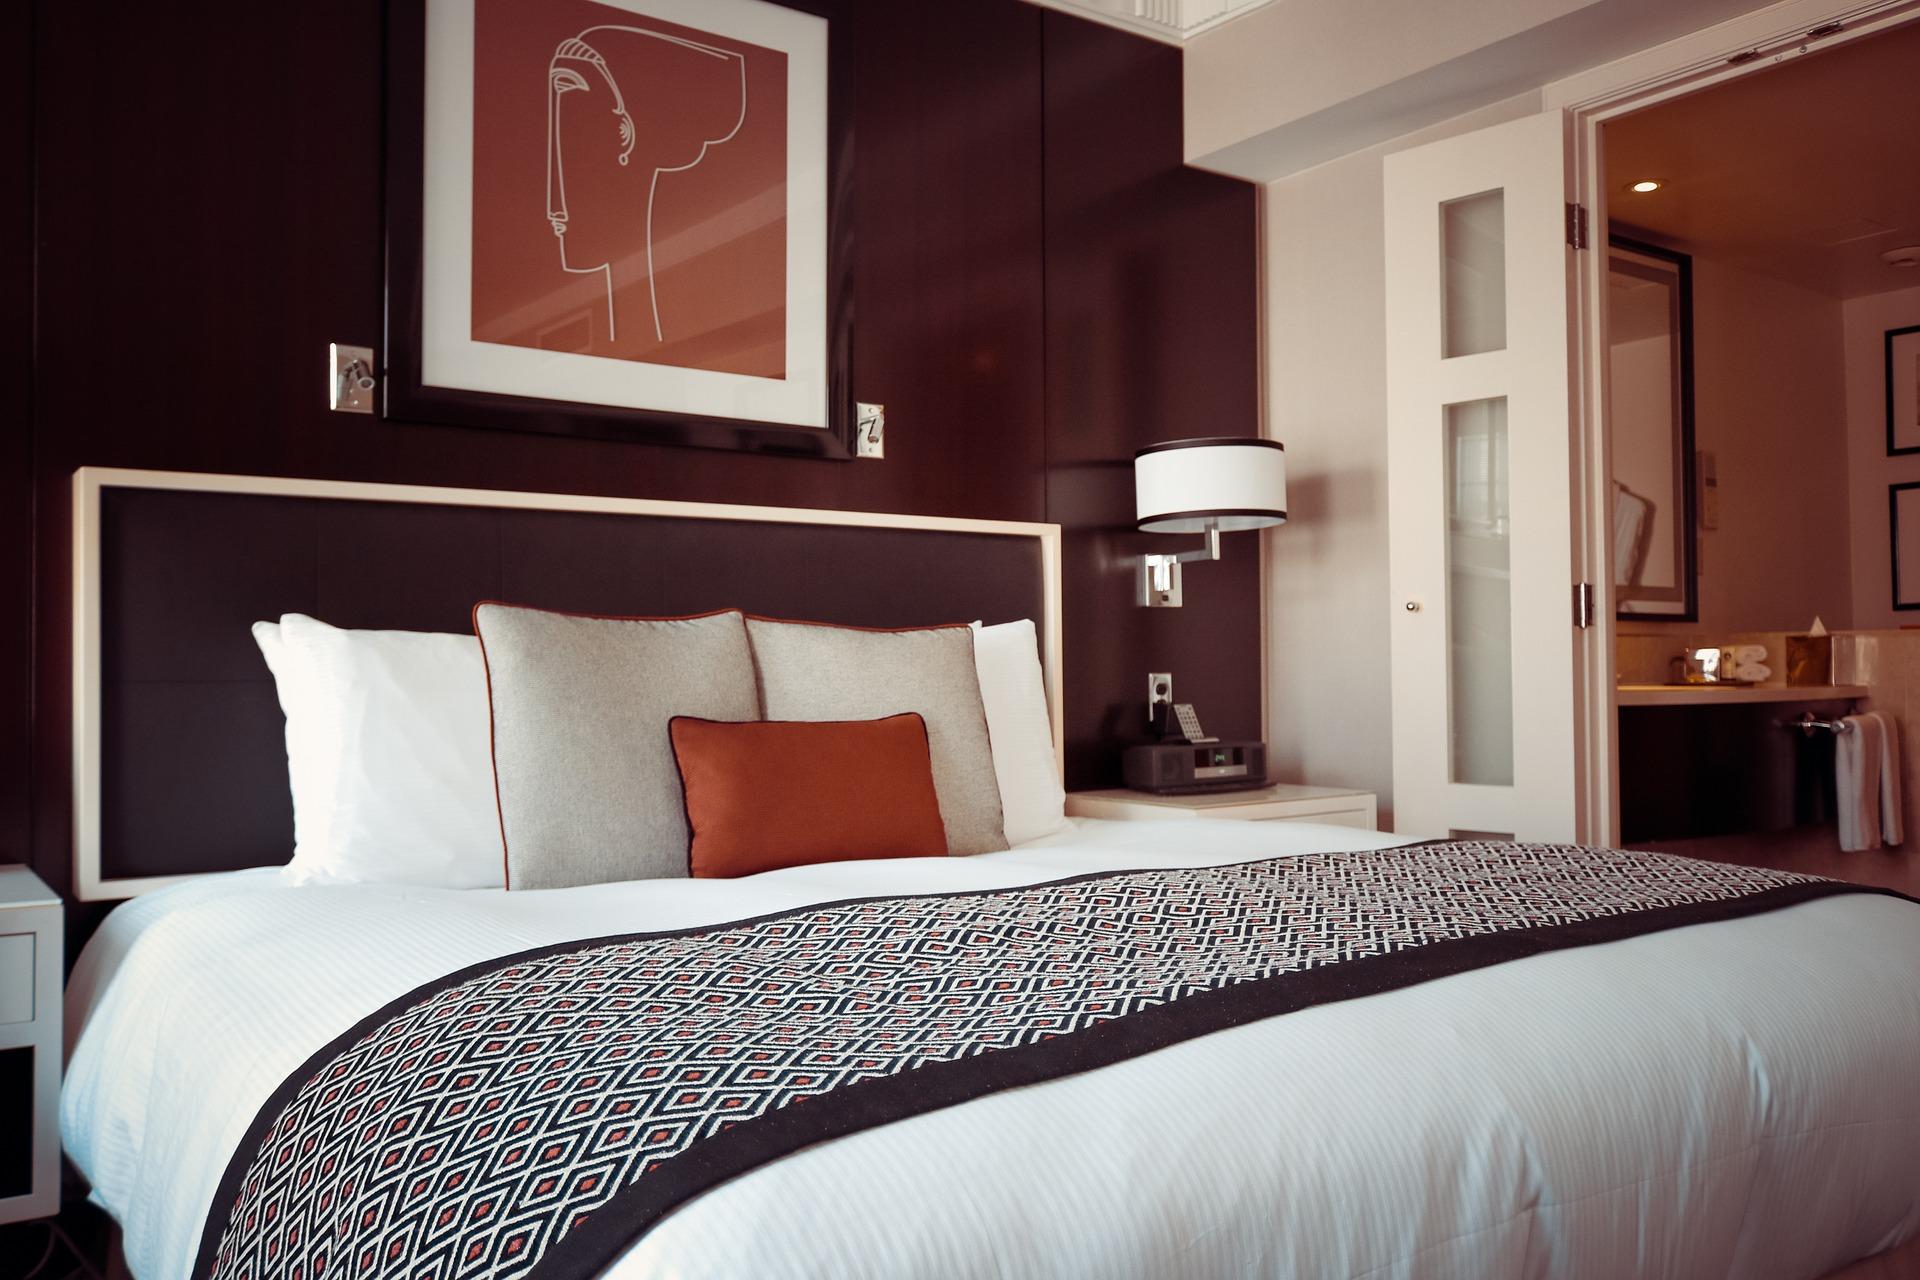 Hotel Grade Mattress